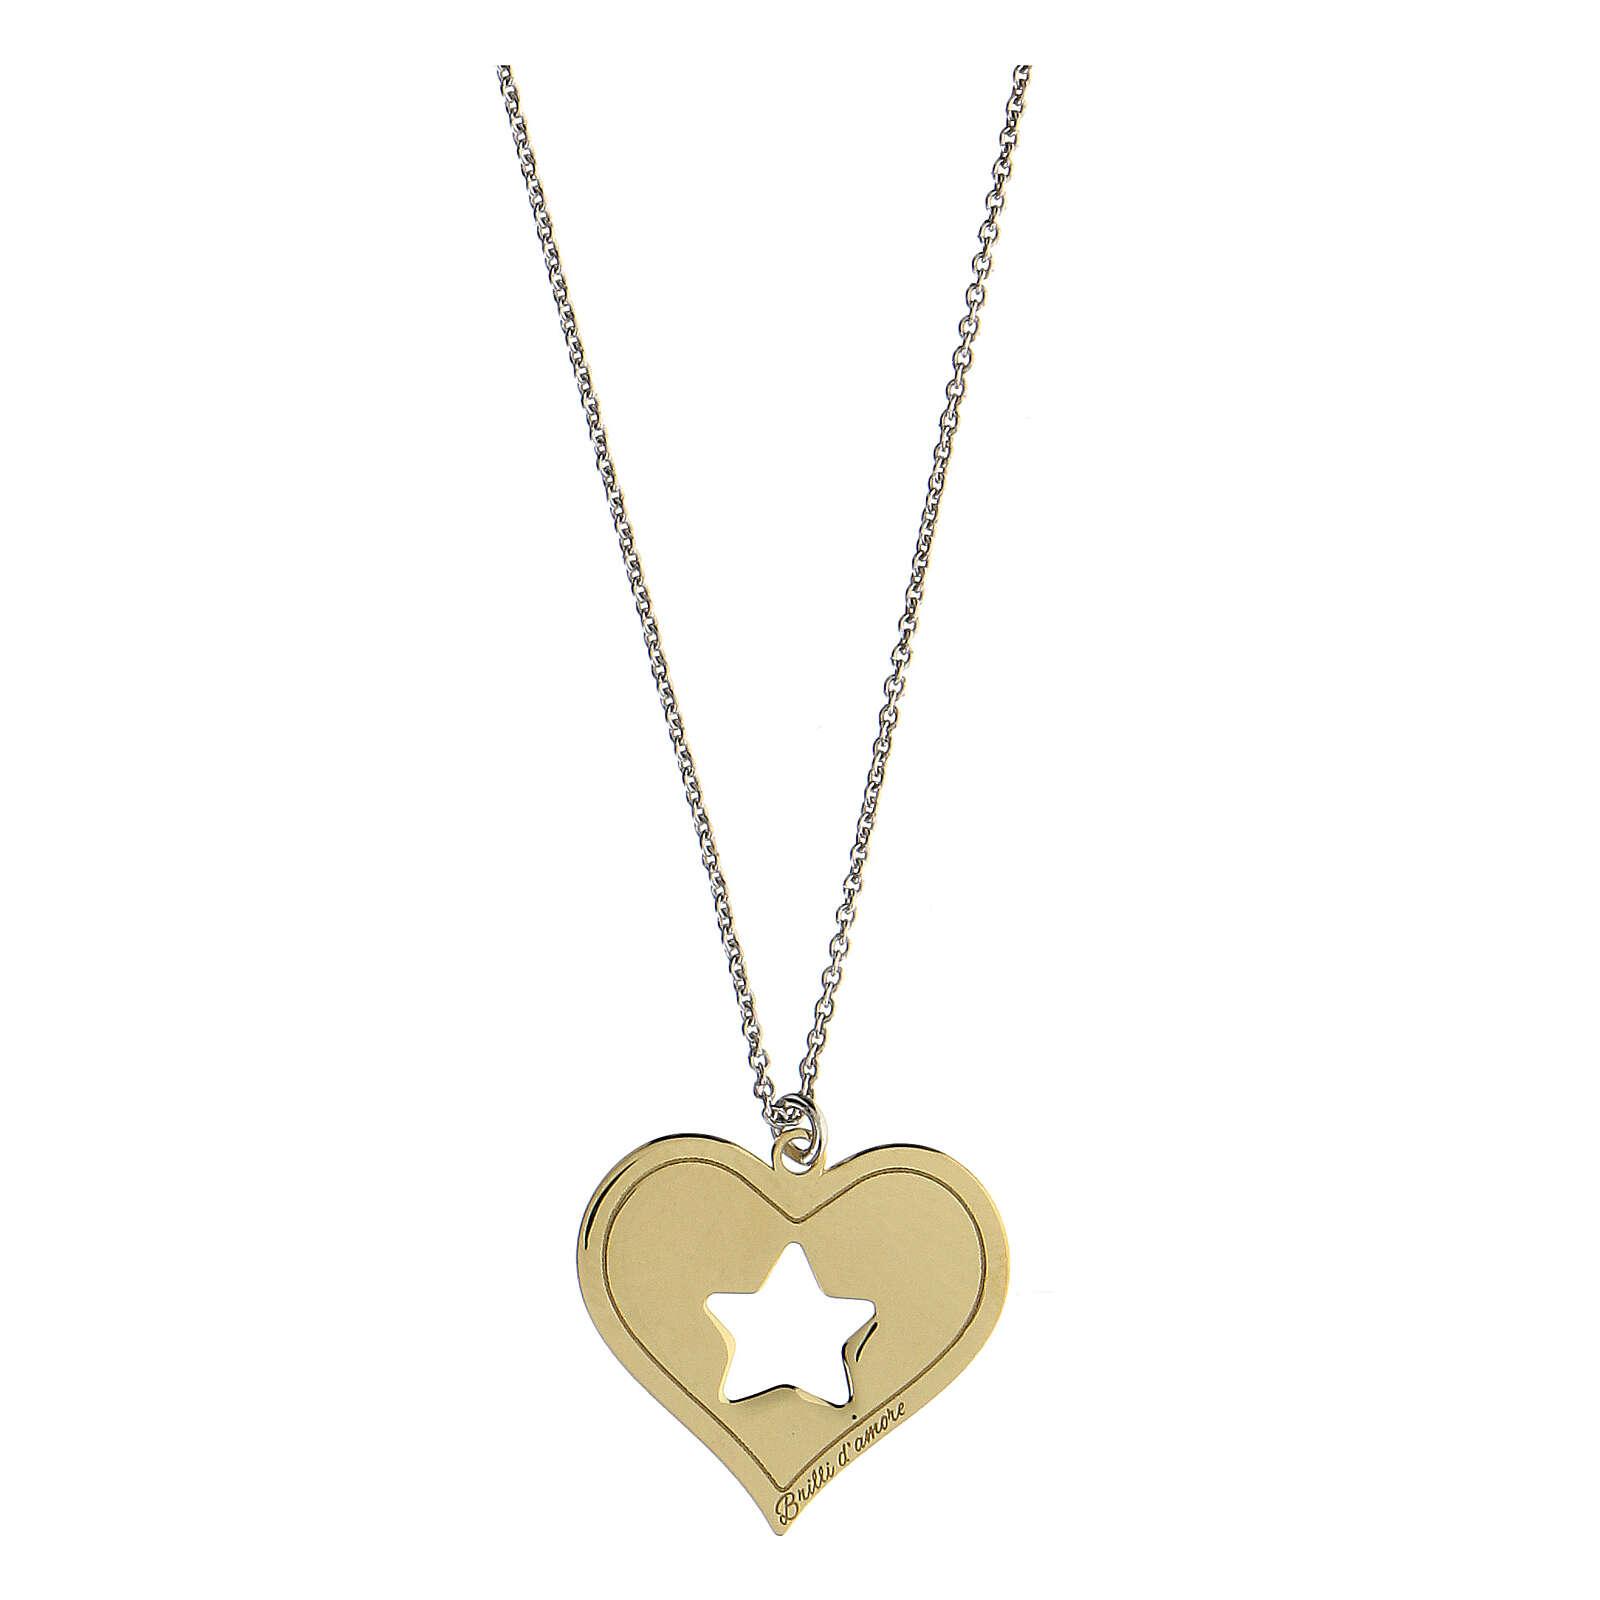 Collana Brilli Amore cuore stella argento 925 dorato 4